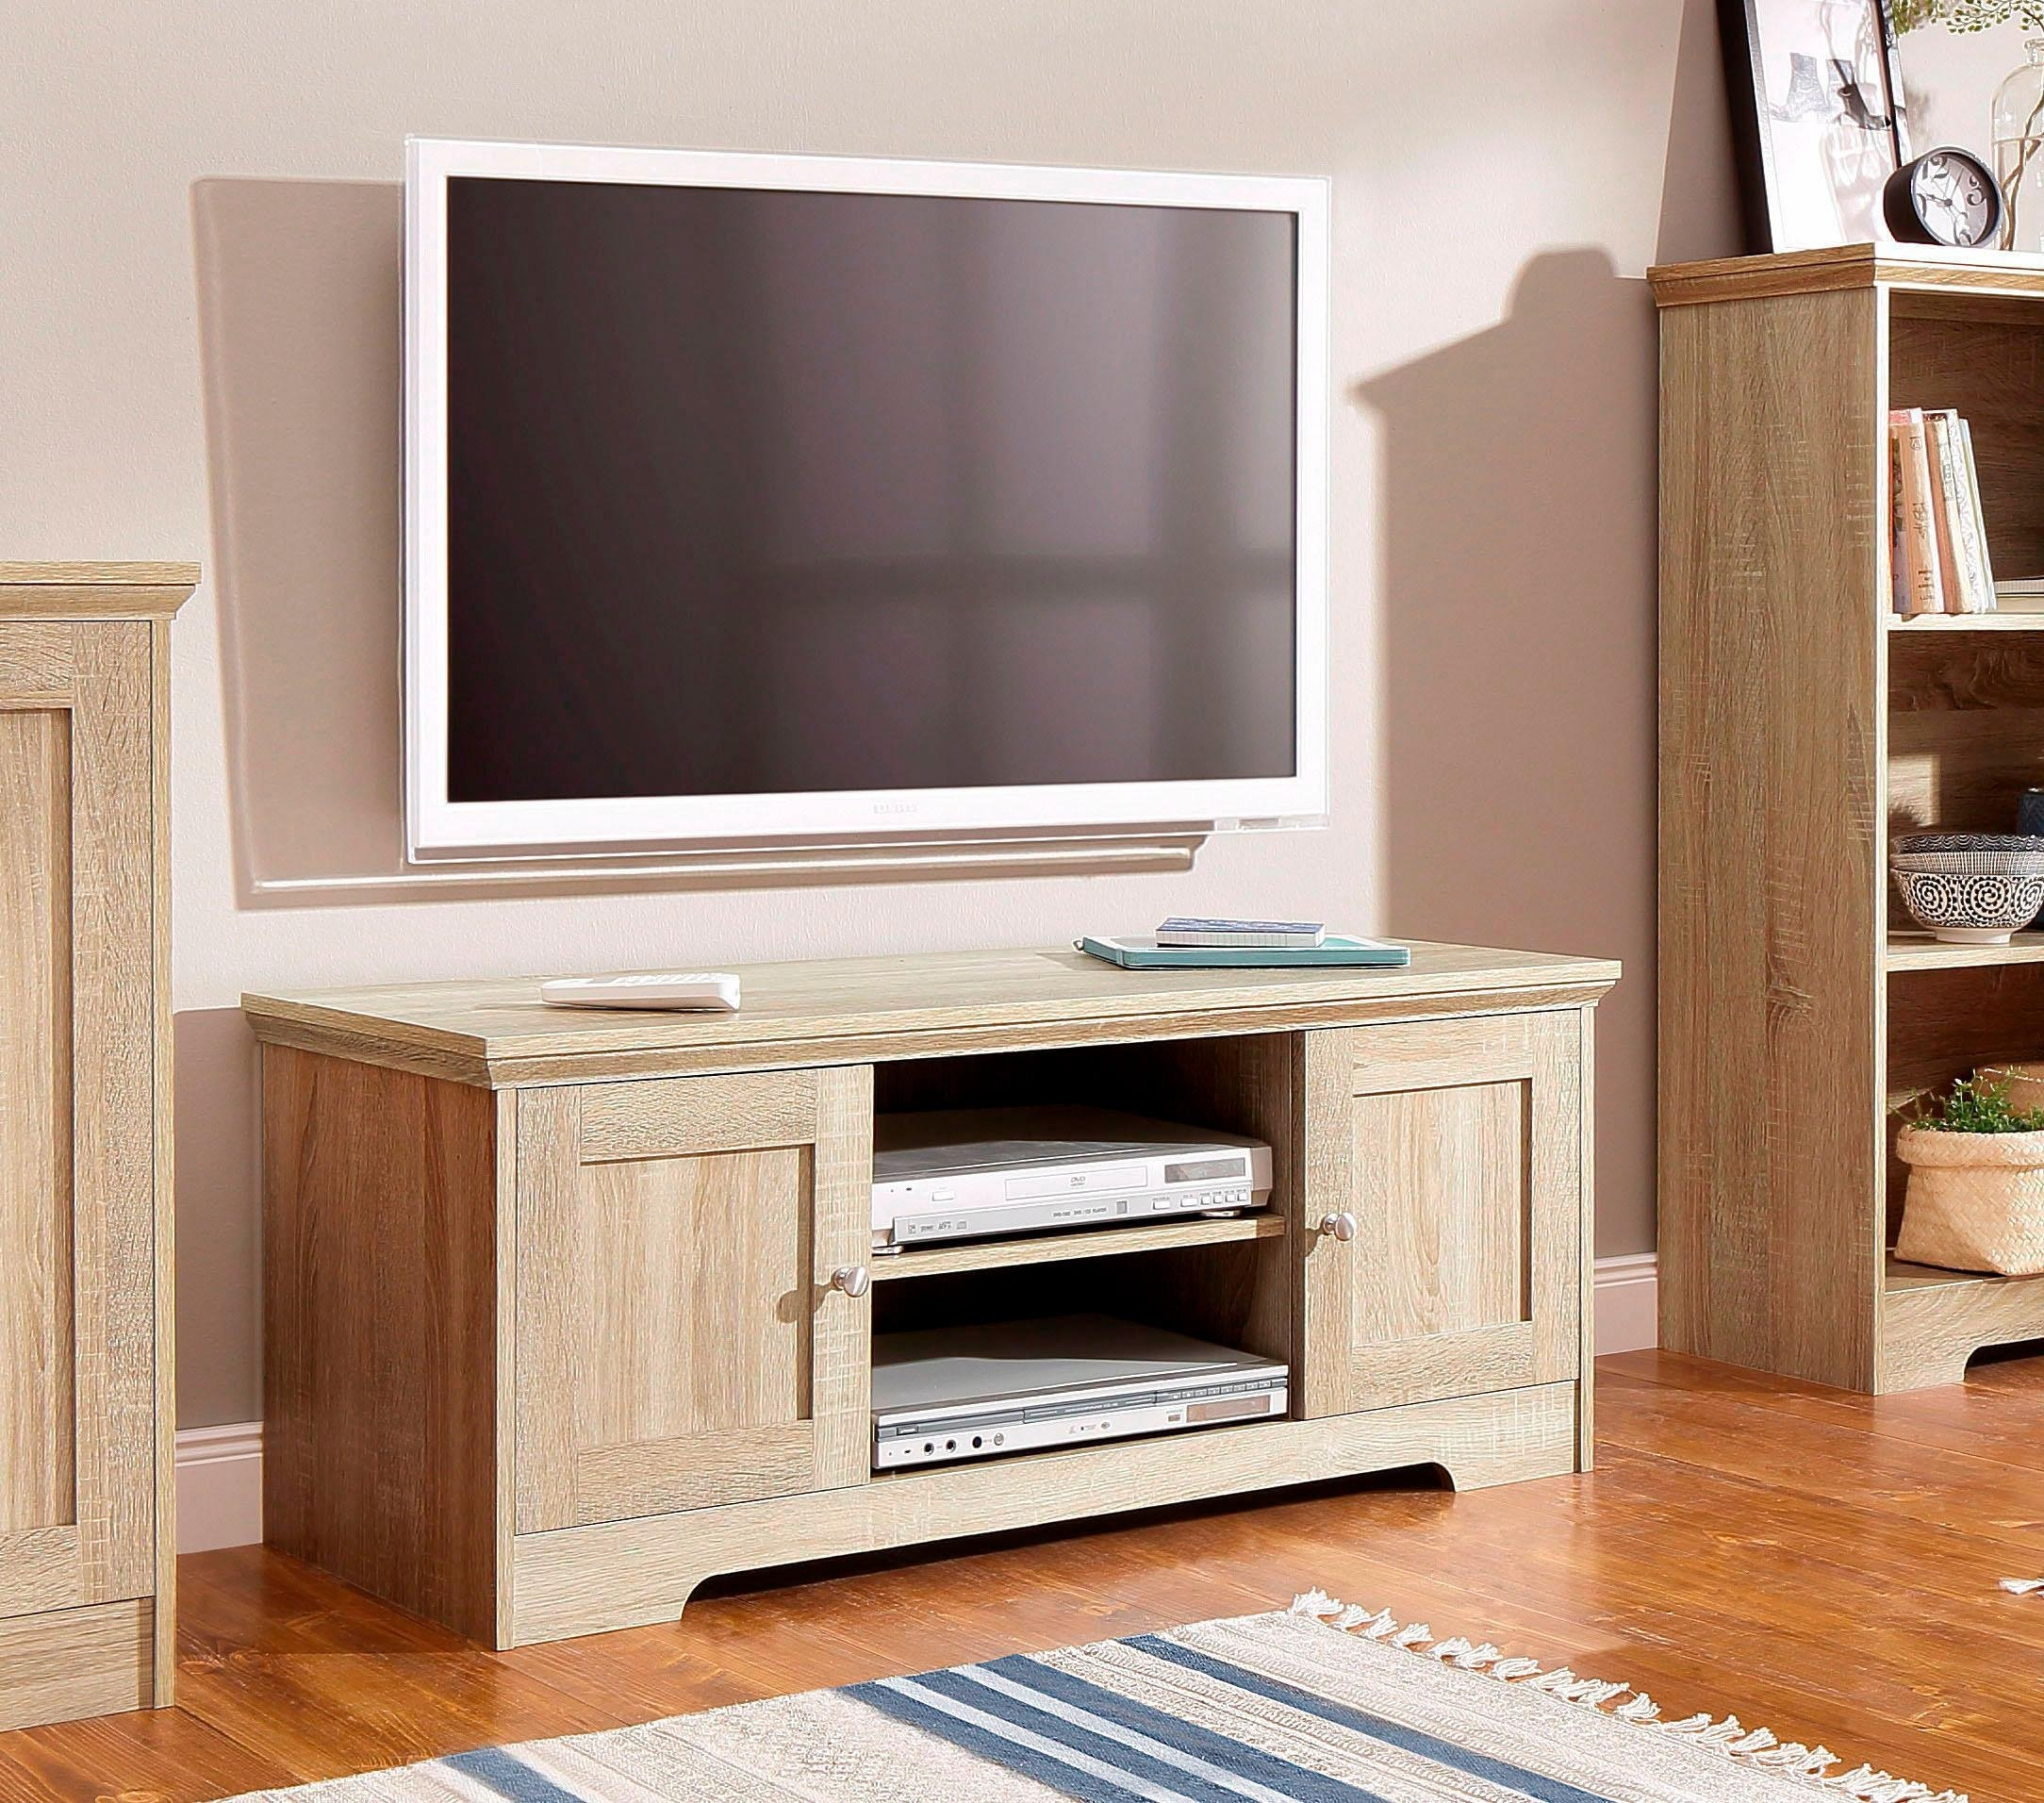 tv meubel nanna in 2 afmetingen snel online gekocht otto